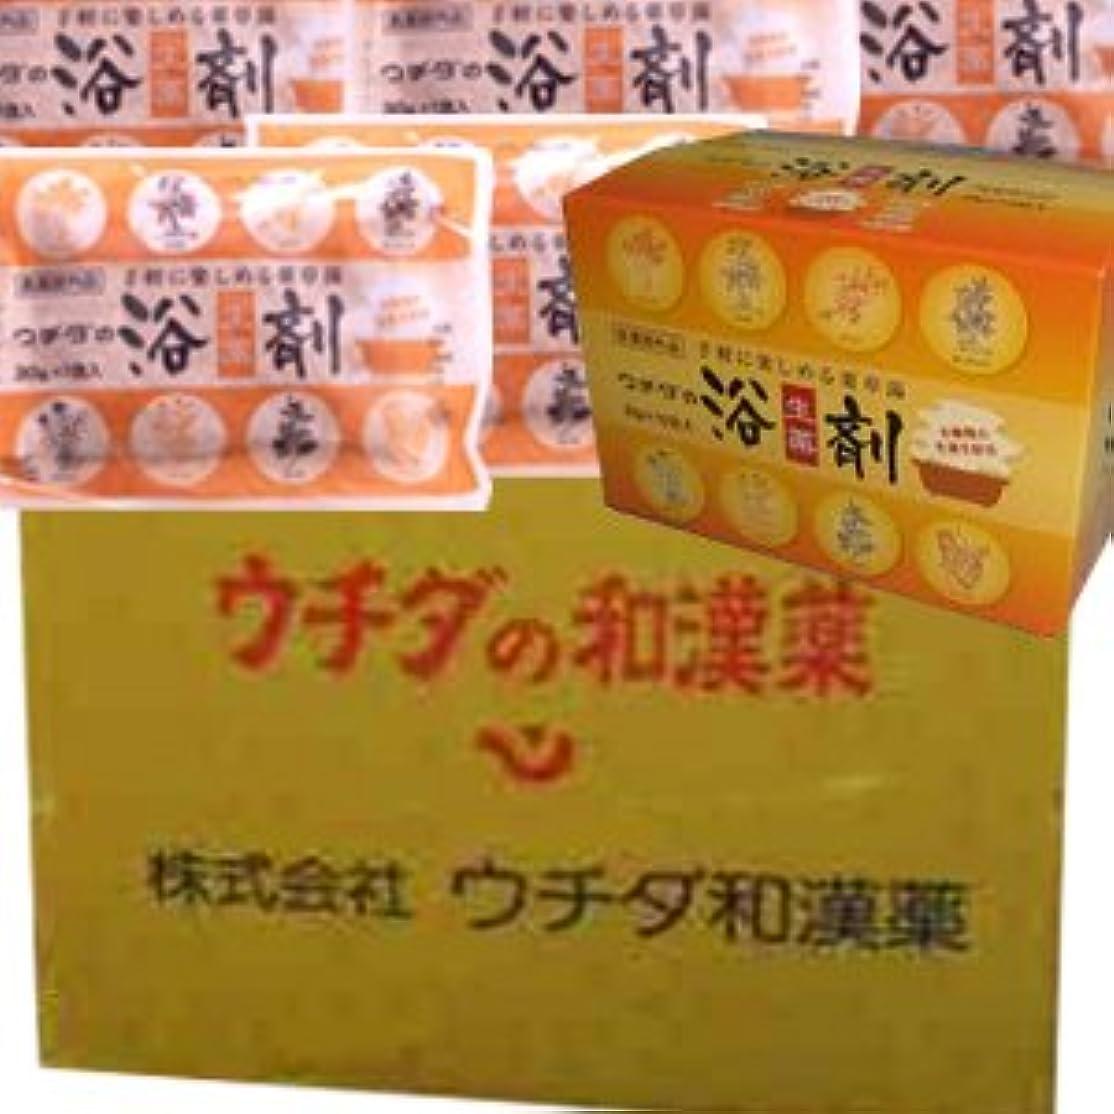 【12個1ケース】 ウチダの浴剤 30g×10袋入×12個+6袋 (4987359400025)